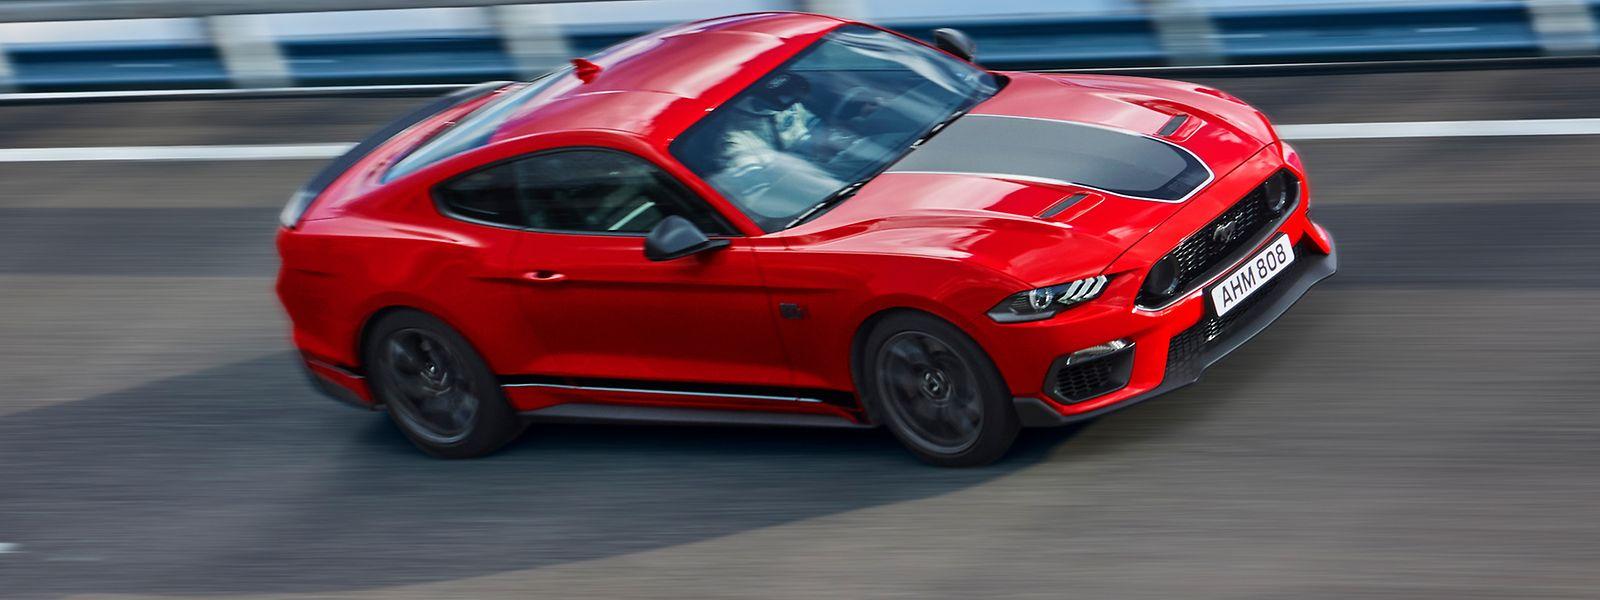 Der Ford Mustang Mach 1 wurde für die Rennstrecke gebaut, ist aber durchaus auch alltagstauglich.